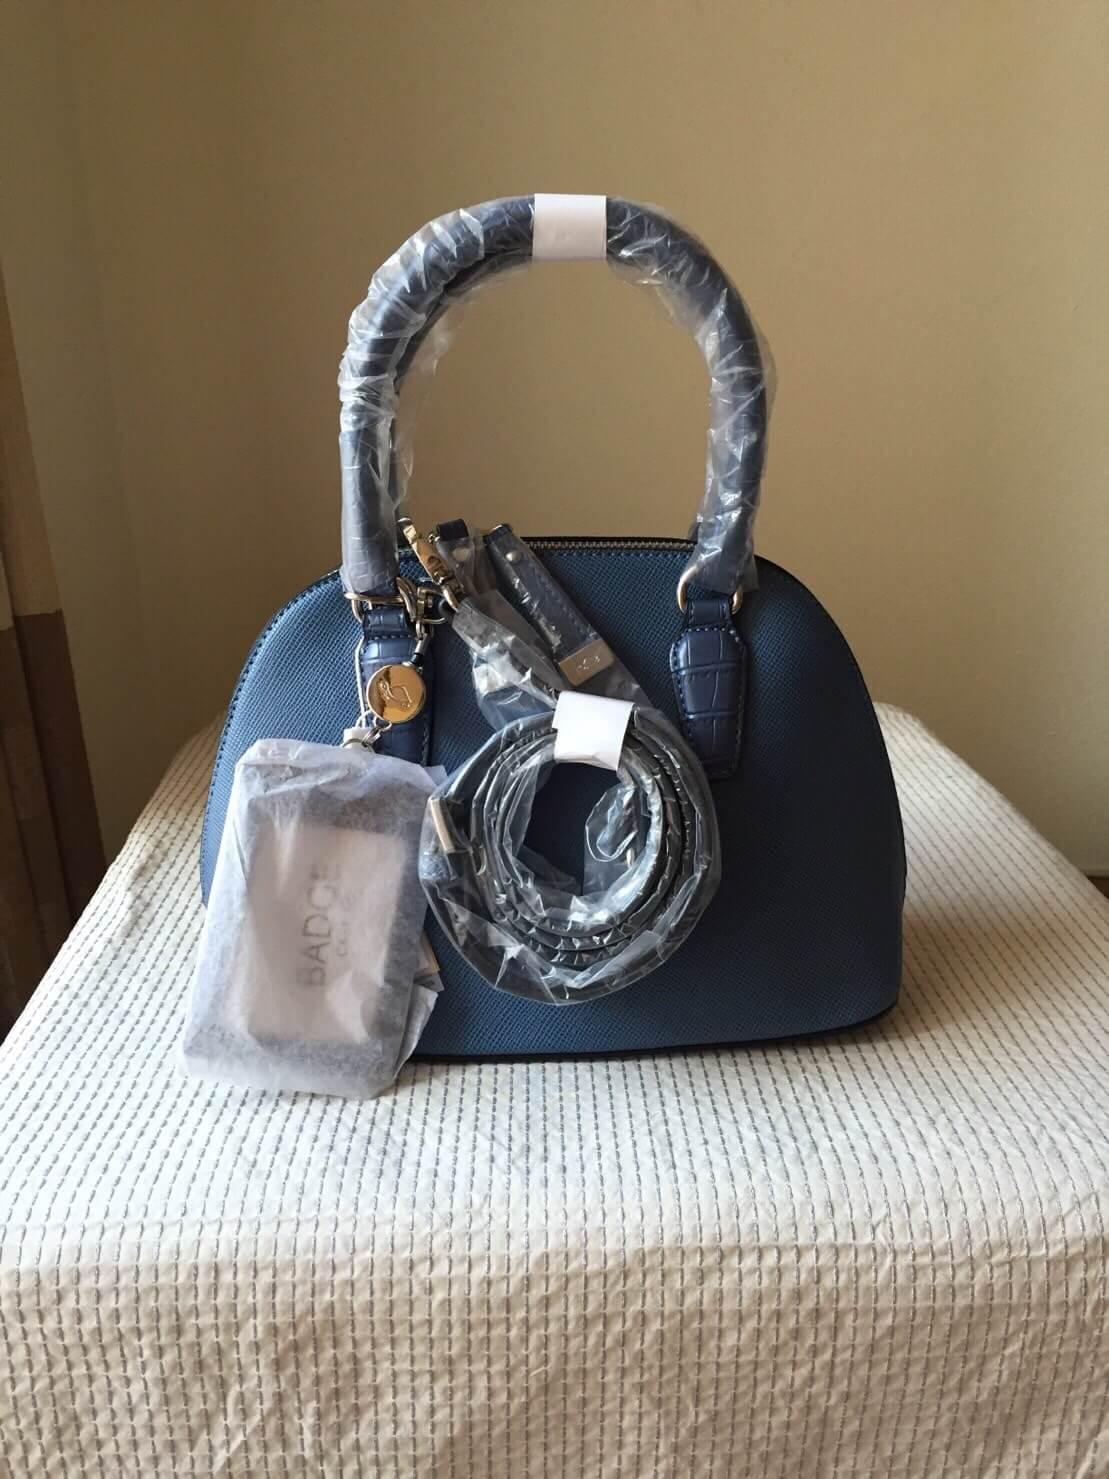 กระเป๋าหนัง Carpisa แบรนด์ดังจากอิตาลี หนัง saffiano ใบเล็ก สี Navy